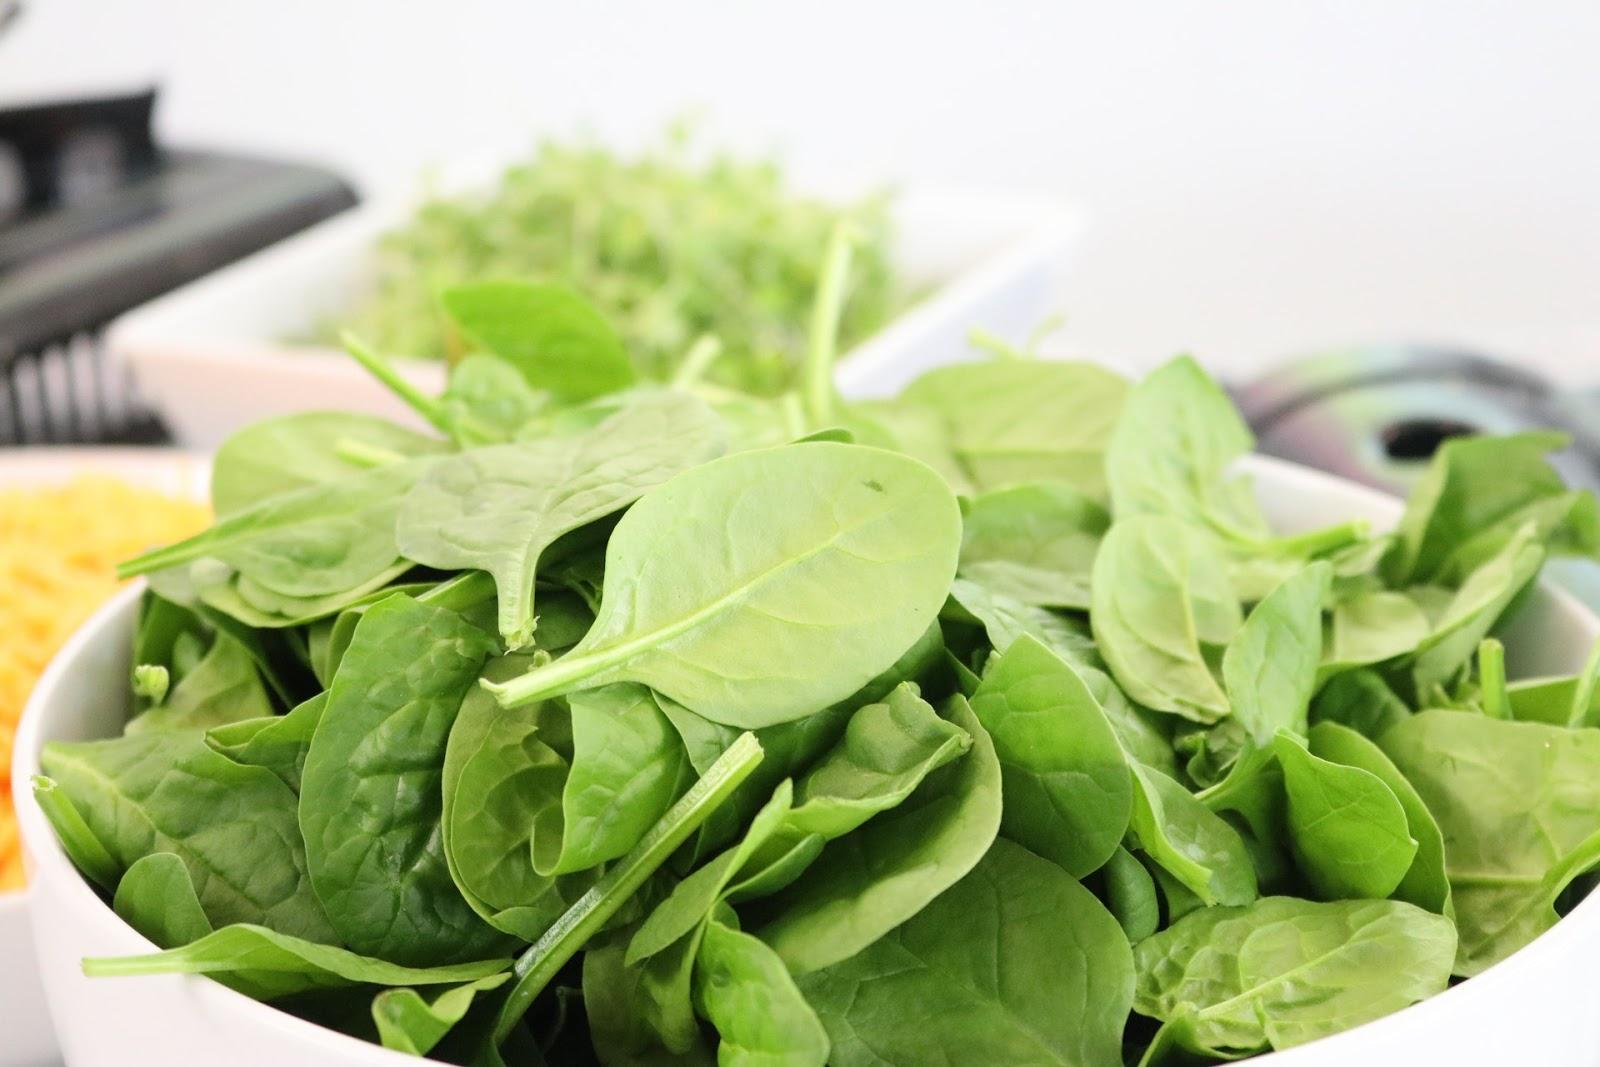 Vegetais verde-escuros têm bastante ácido fólico, substância que contribui para os processos cerebrais (Imagem: Jacqueline Howell/Pexels)